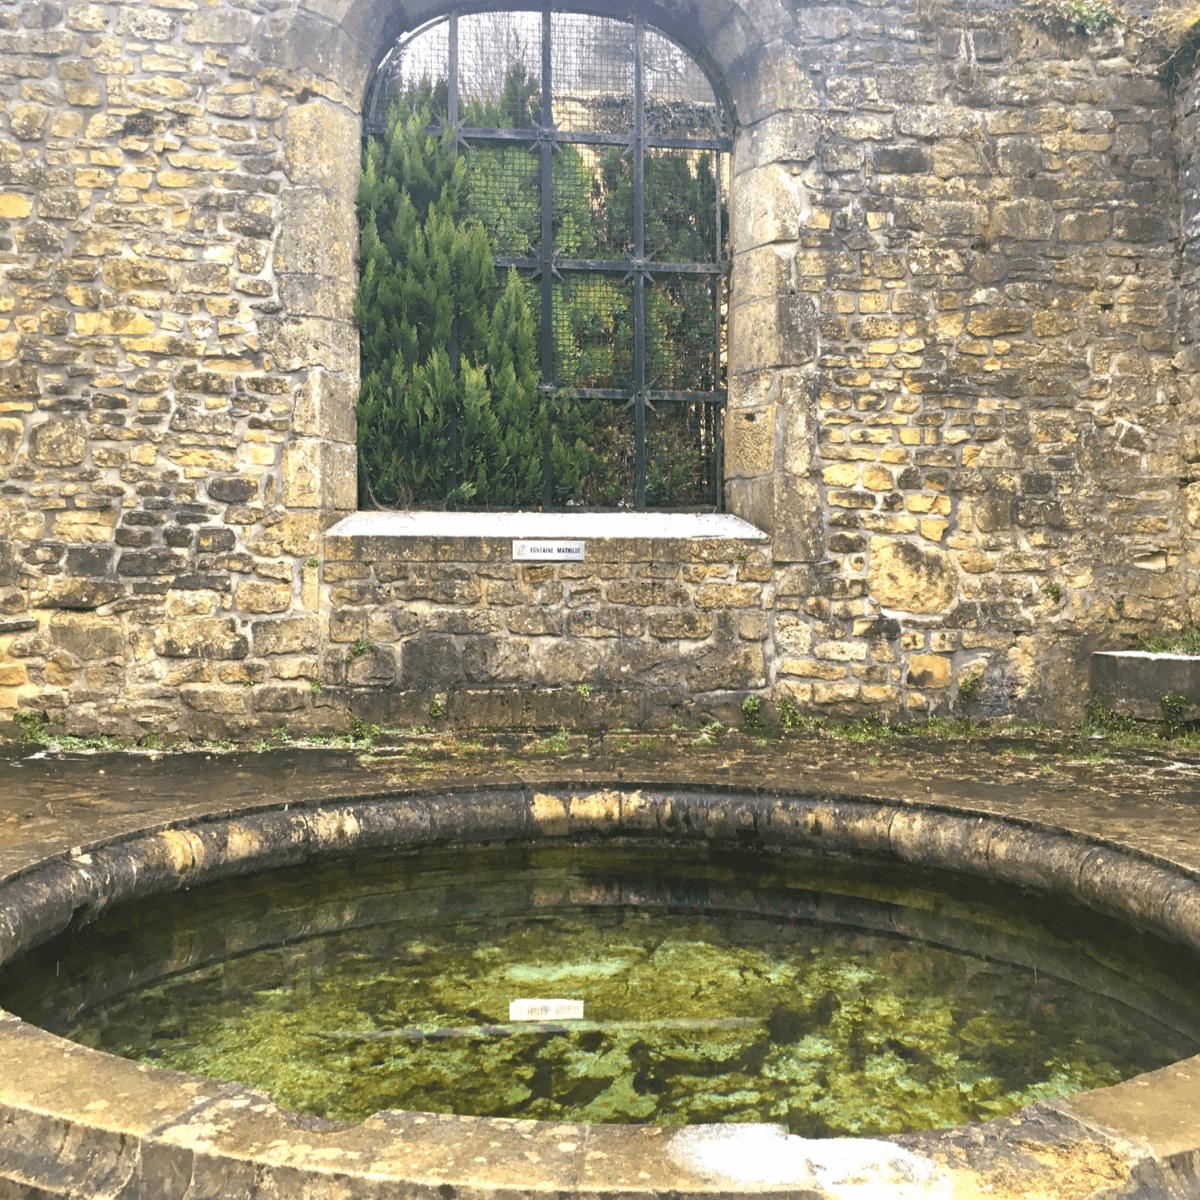 La source Mathilde, dont l'eau sert pour le brassage de la bière Orval, est située au sein de l'abbaye